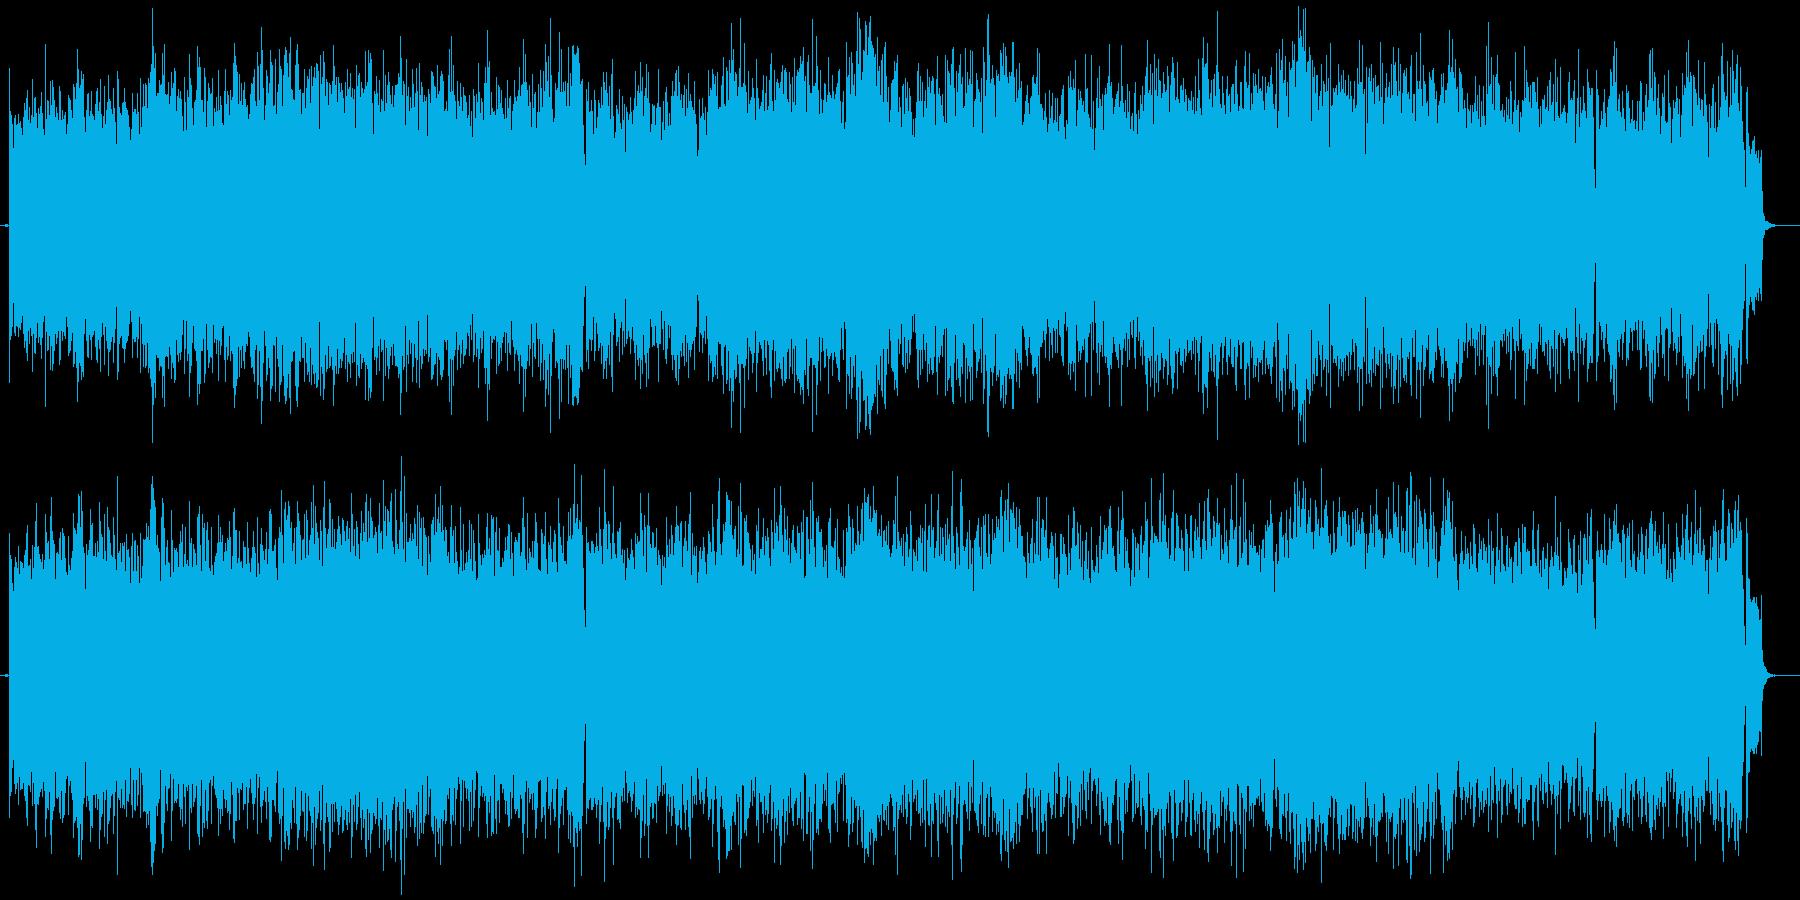 アイルランド音楽のリールセッションの再生済みの波形